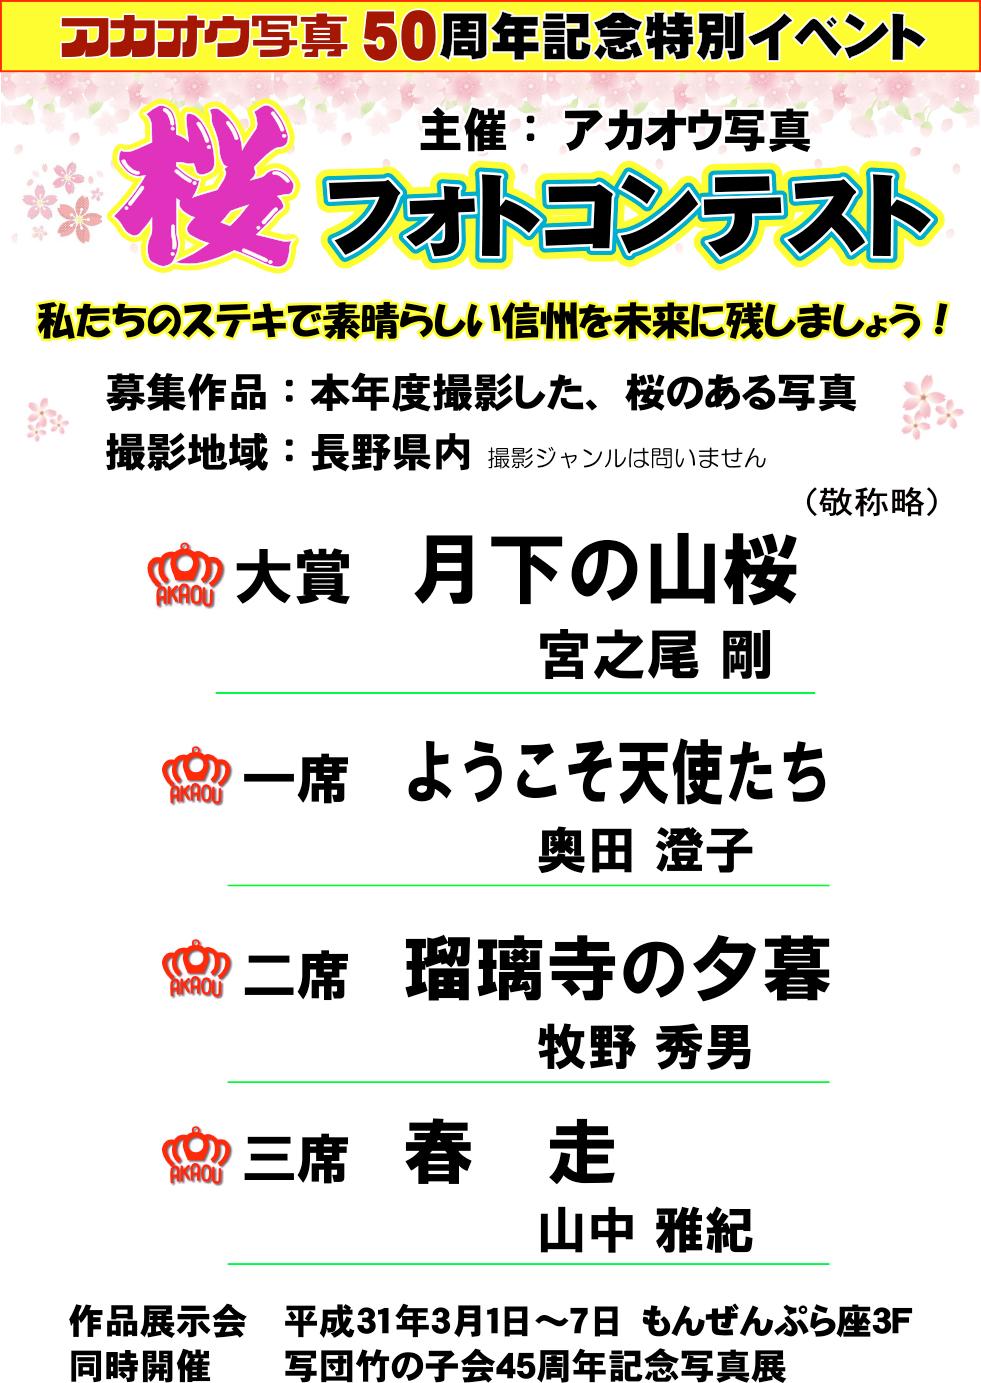 桜フォトコンテスト受賞作品